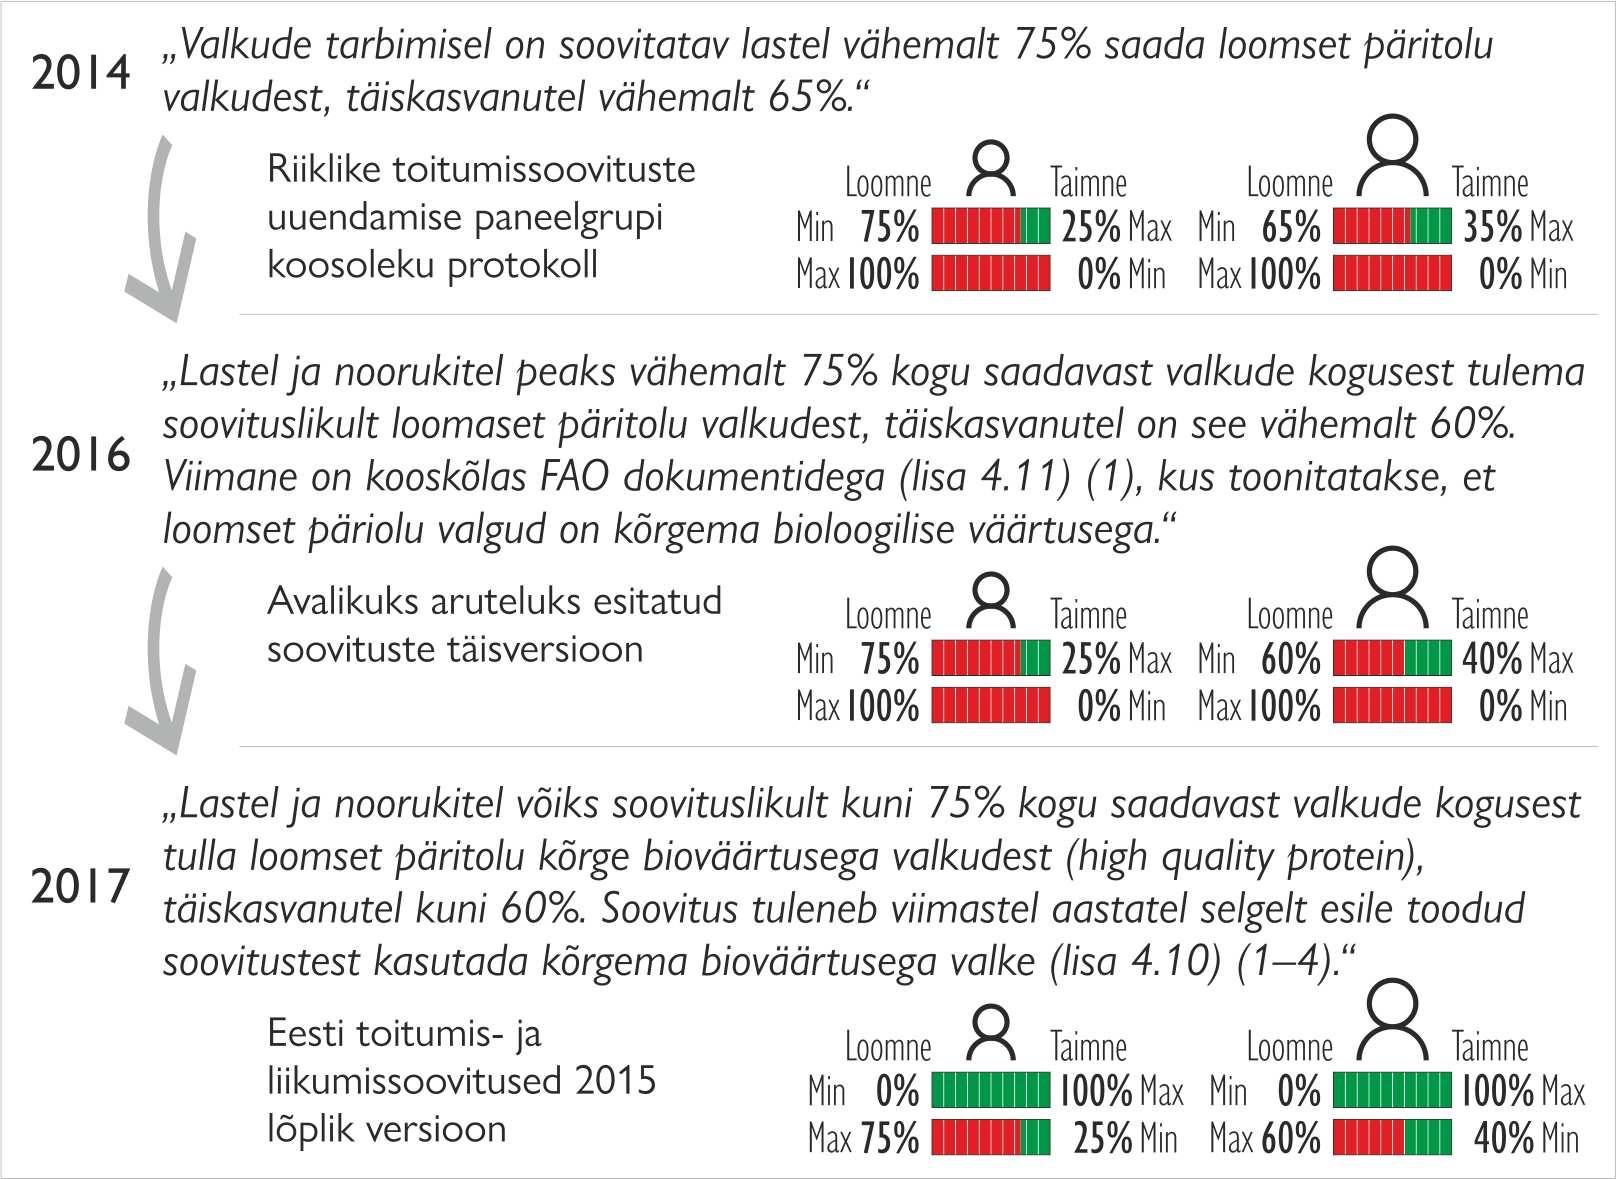 Valkude soovitused Eesti toitumissoovitustes 2015